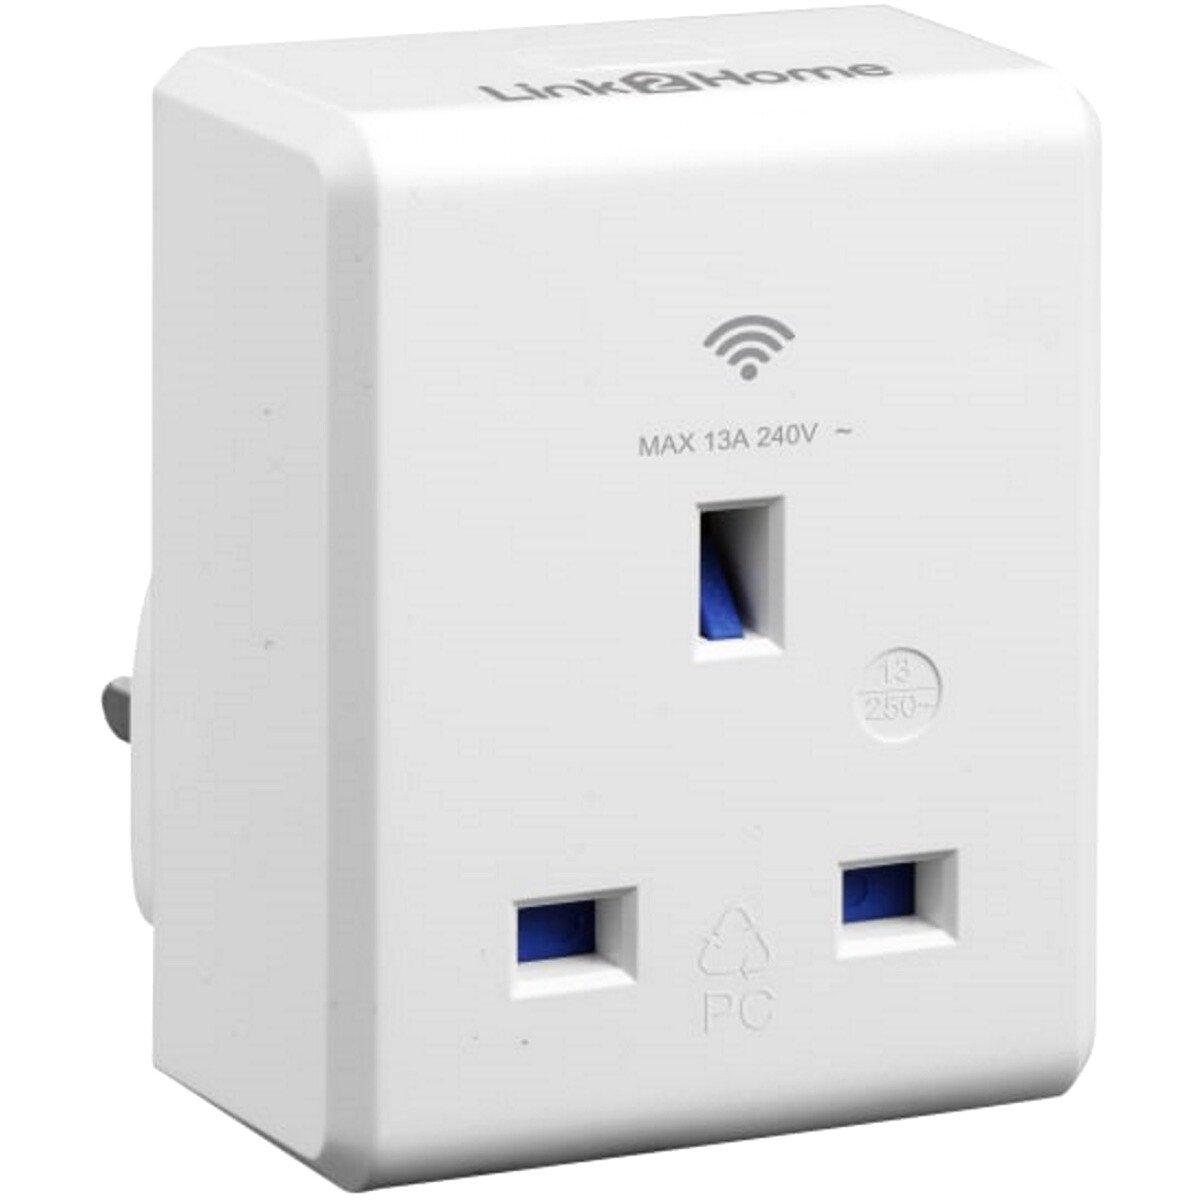 Link2Home L2H-SMARTPLUG Wi-Fi Plug-in Socket 13 amp LTHSMARTPLUG